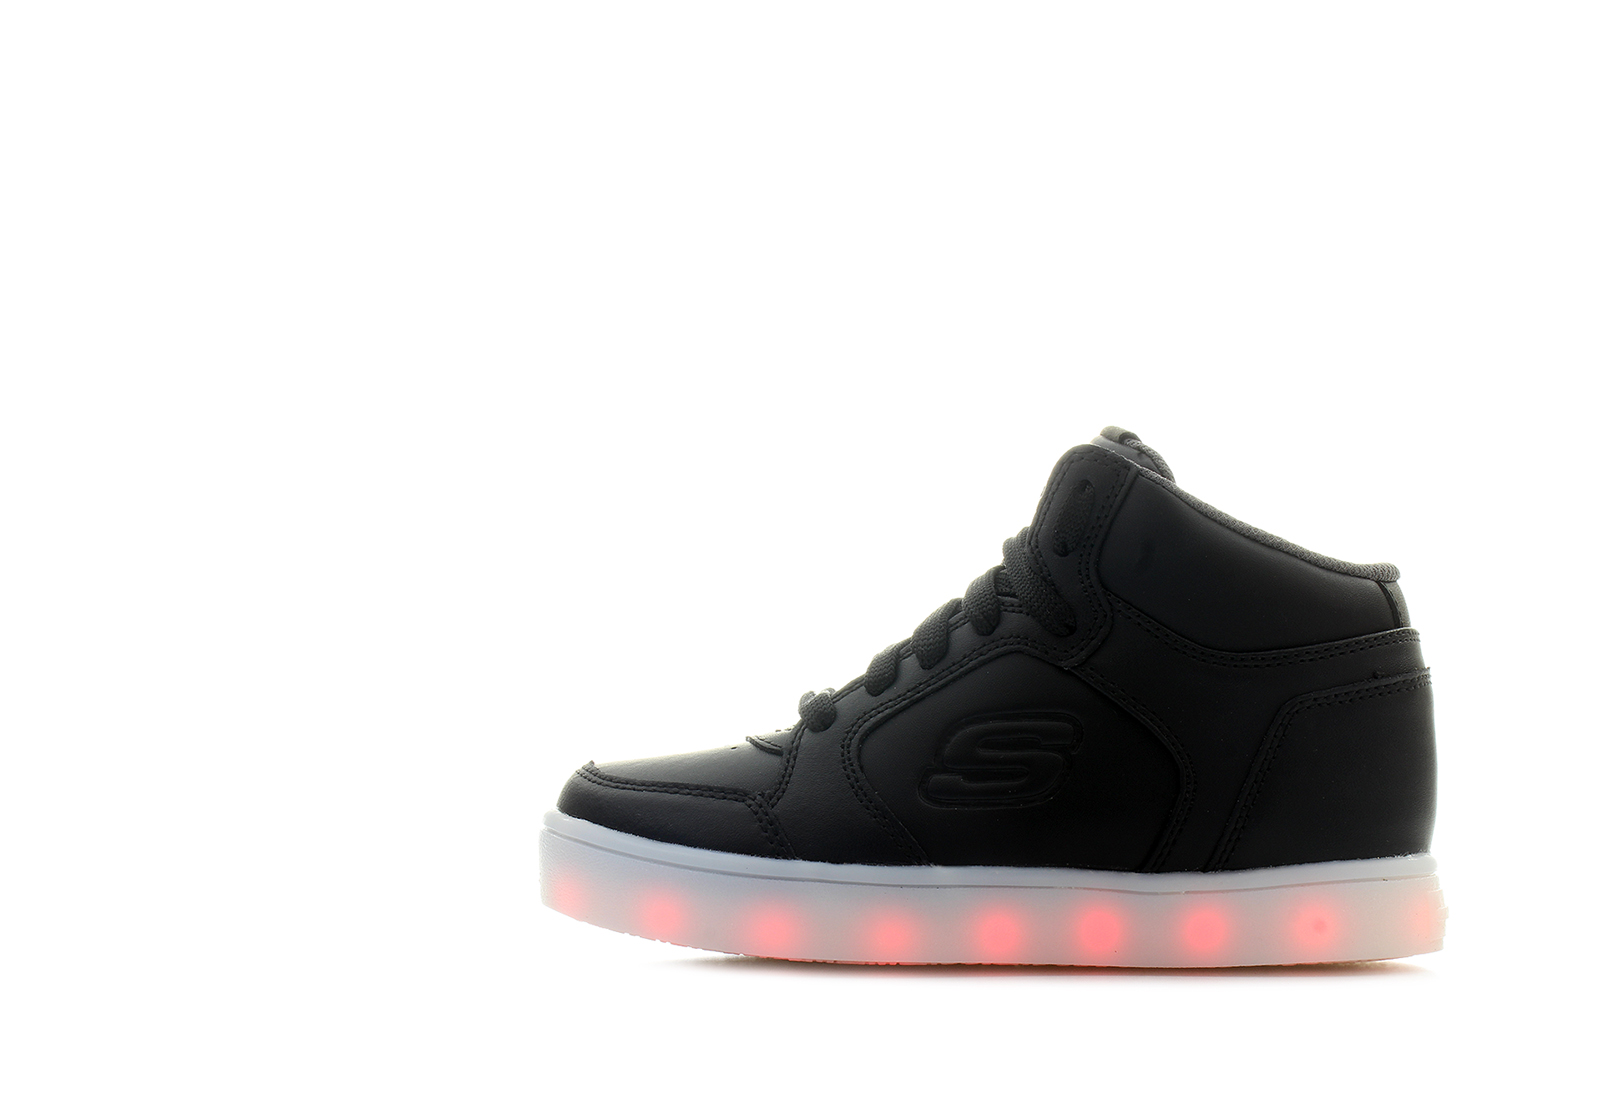 Skechers Półbuty - Energy Lights - 90600l-blk - Obuwie i buty ... 55257107d99